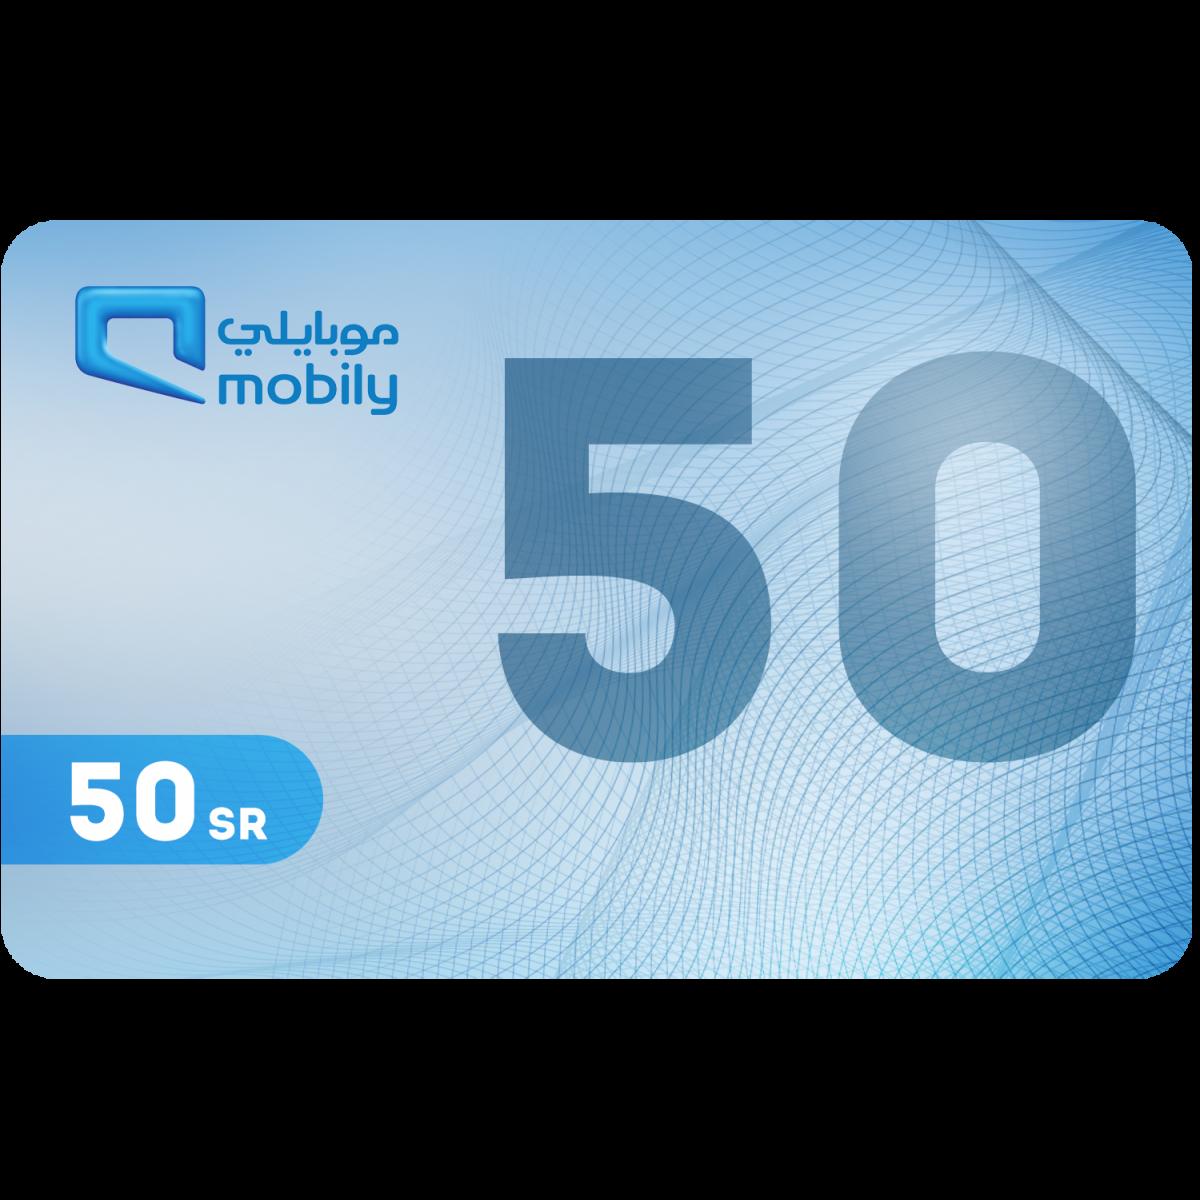 بطاقة شحن موبايلي 50 ريال Fast Circles For Commercial Services Est